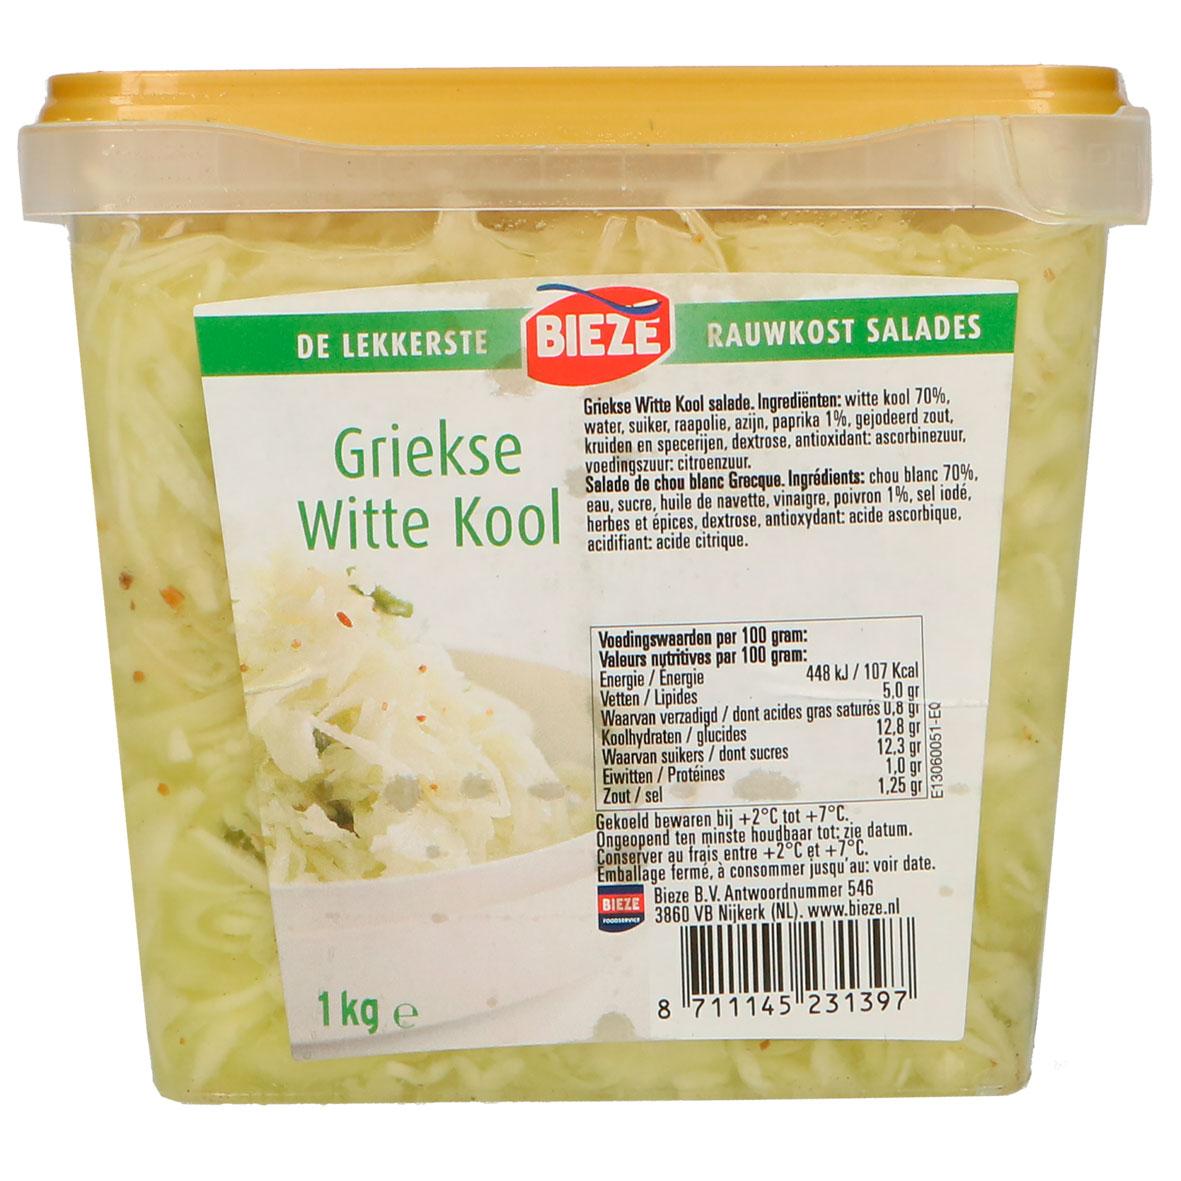 Bieze Griekse witte kool